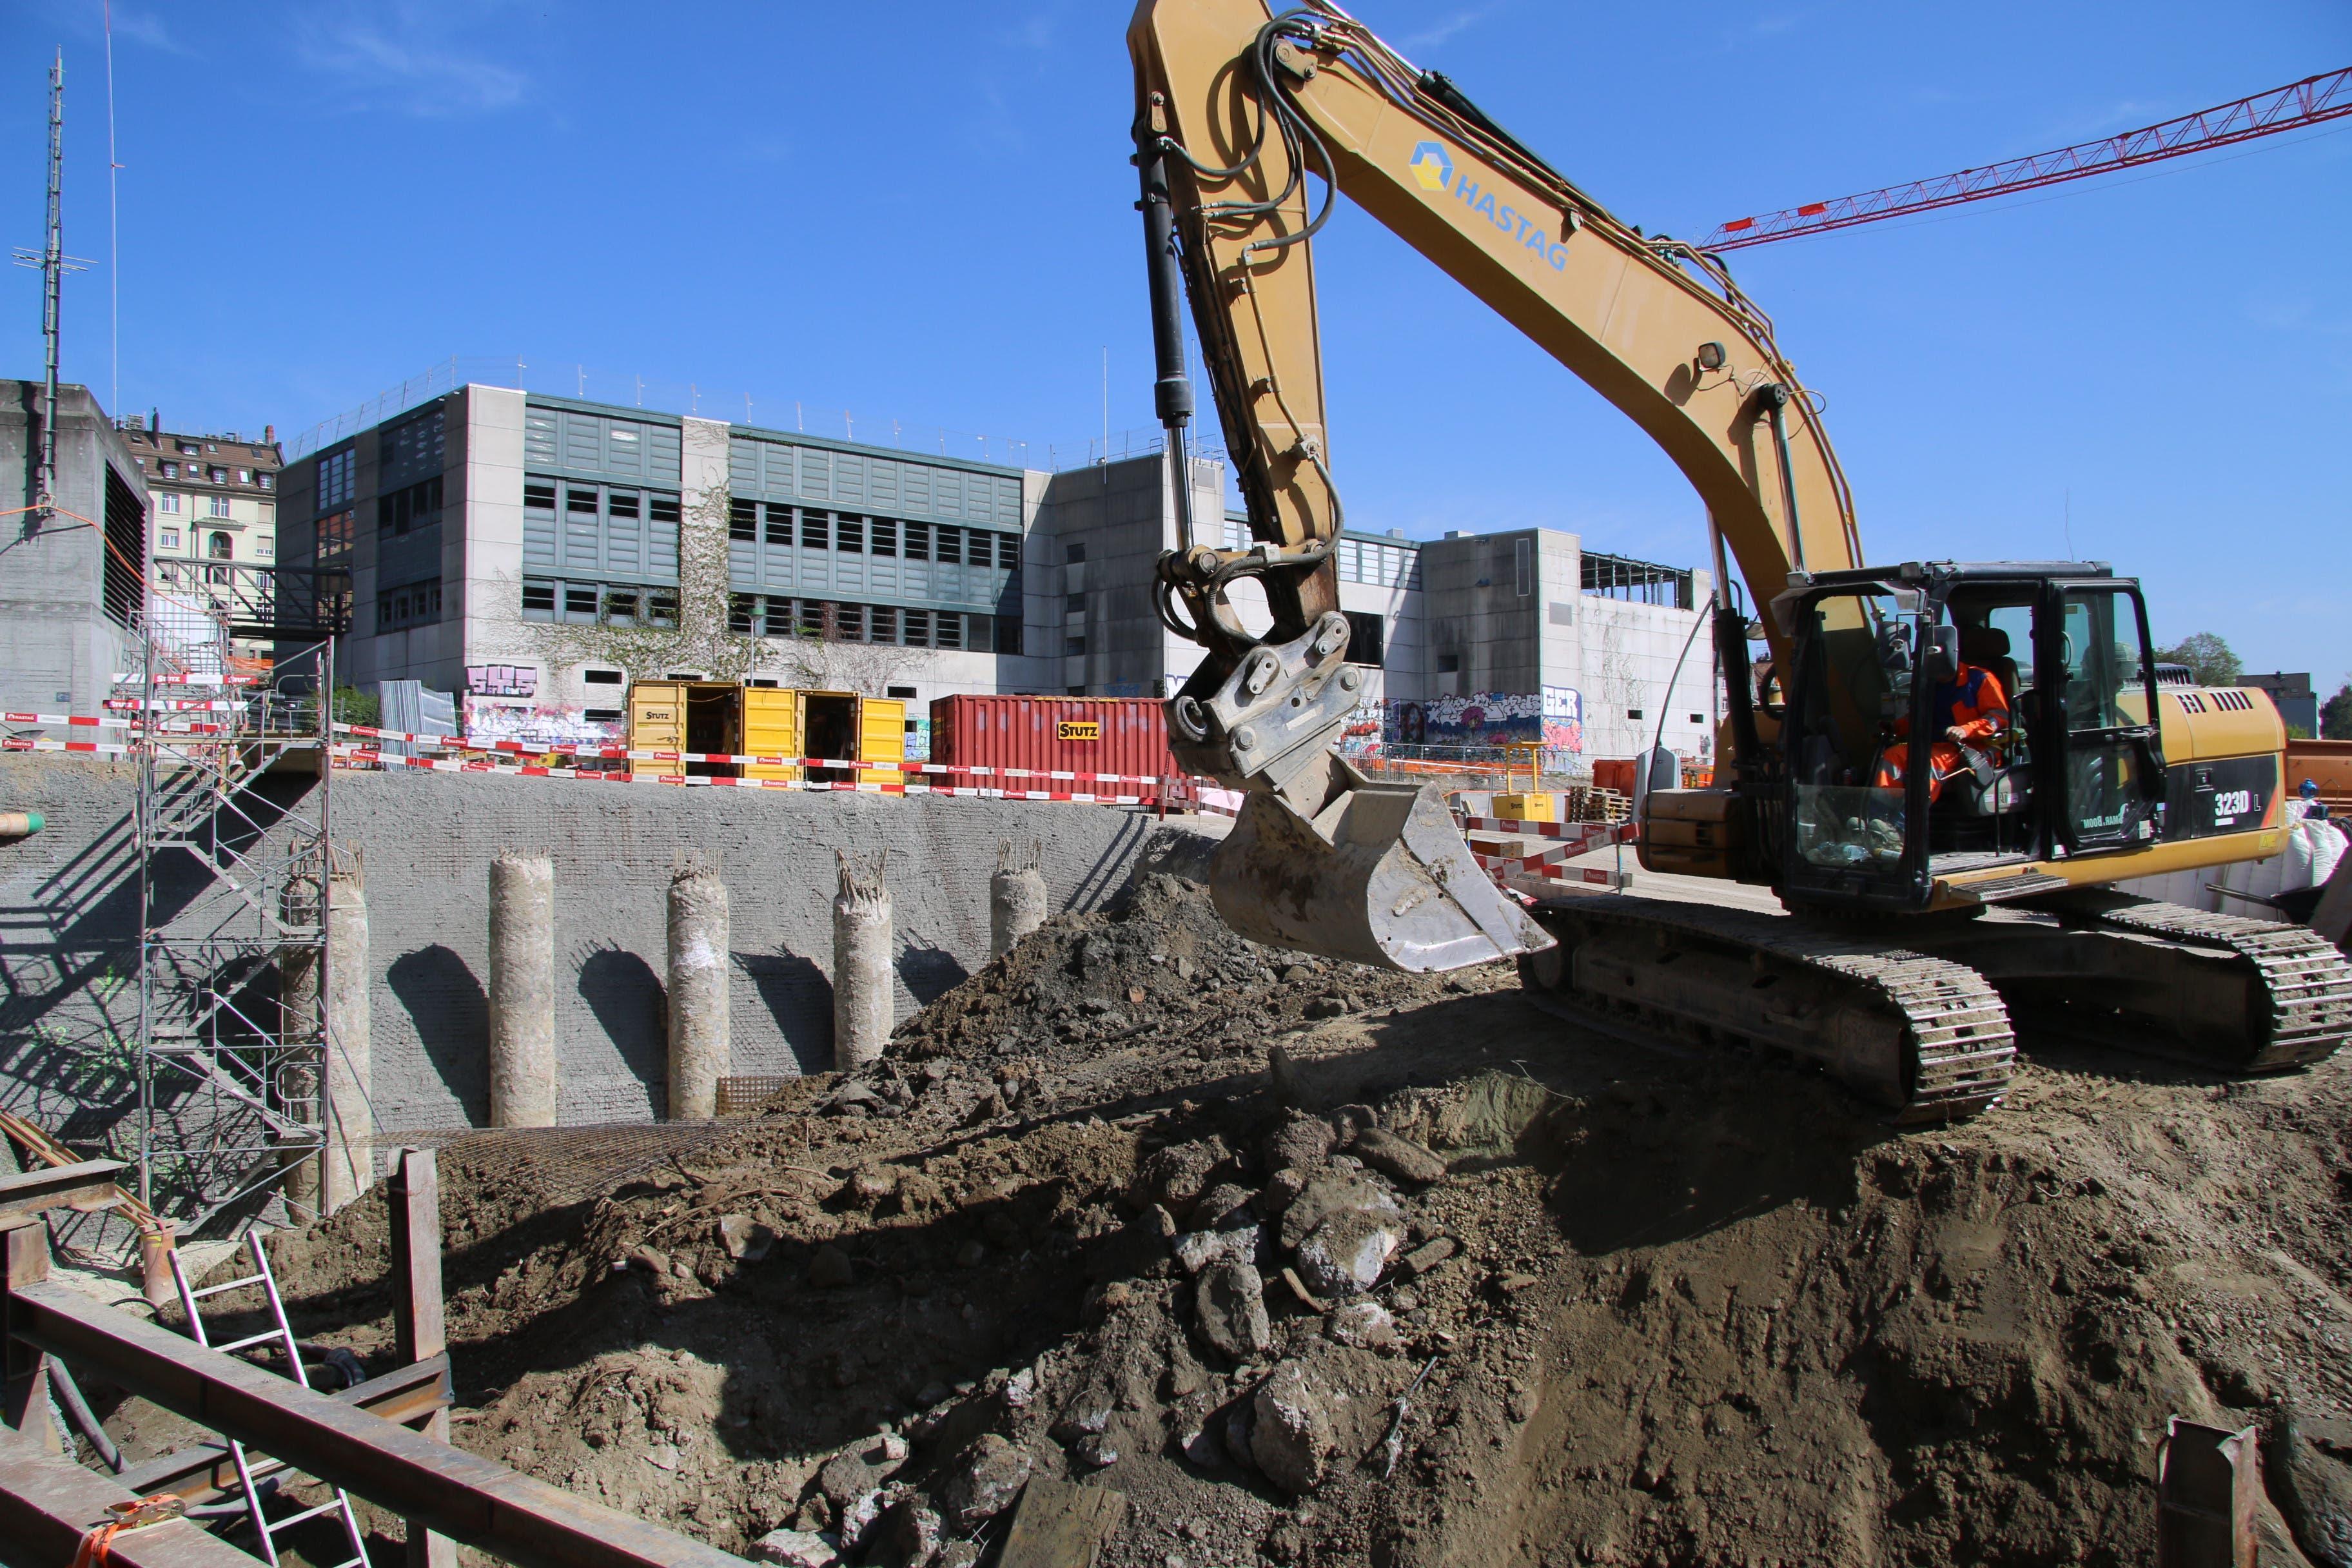 Strassenbaustelle am Schellenweg. Hinten in der Baugrube die Betonpfosten, auf denen der Deckel über die Stadtautobahn liegen wird. Ganz hinten die alte Halle 1.